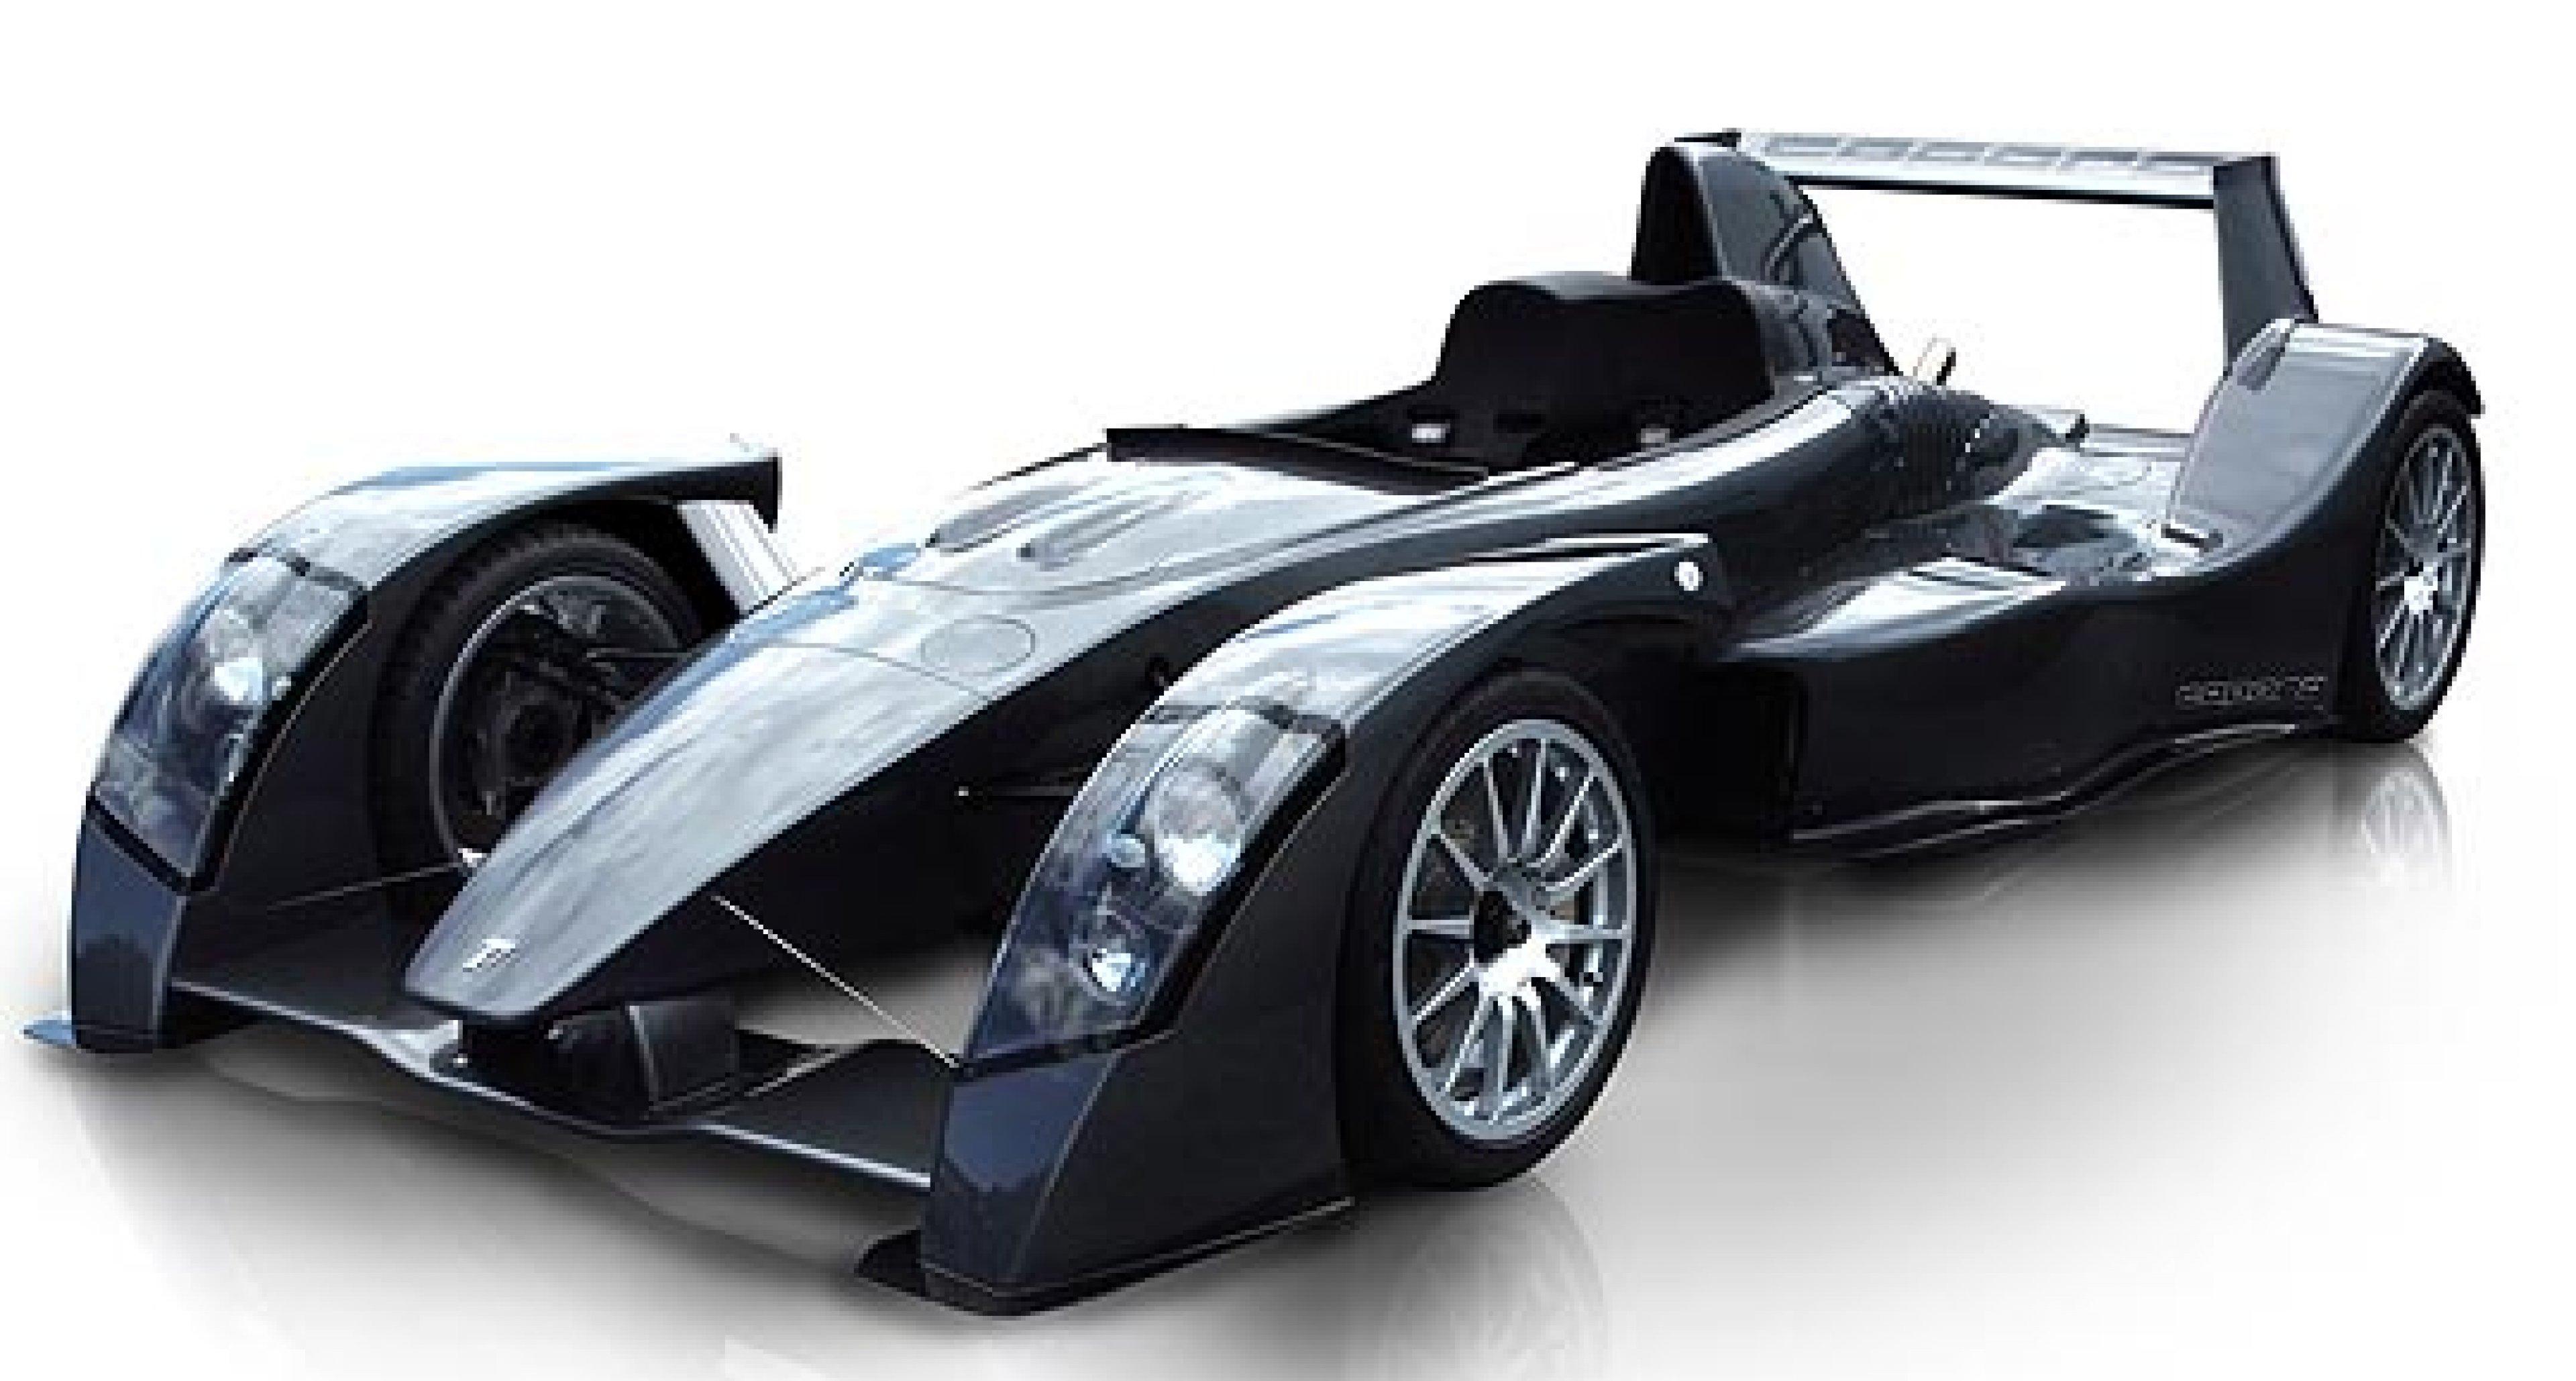 Caparo T1 Cars: Sales Agent Confirmed